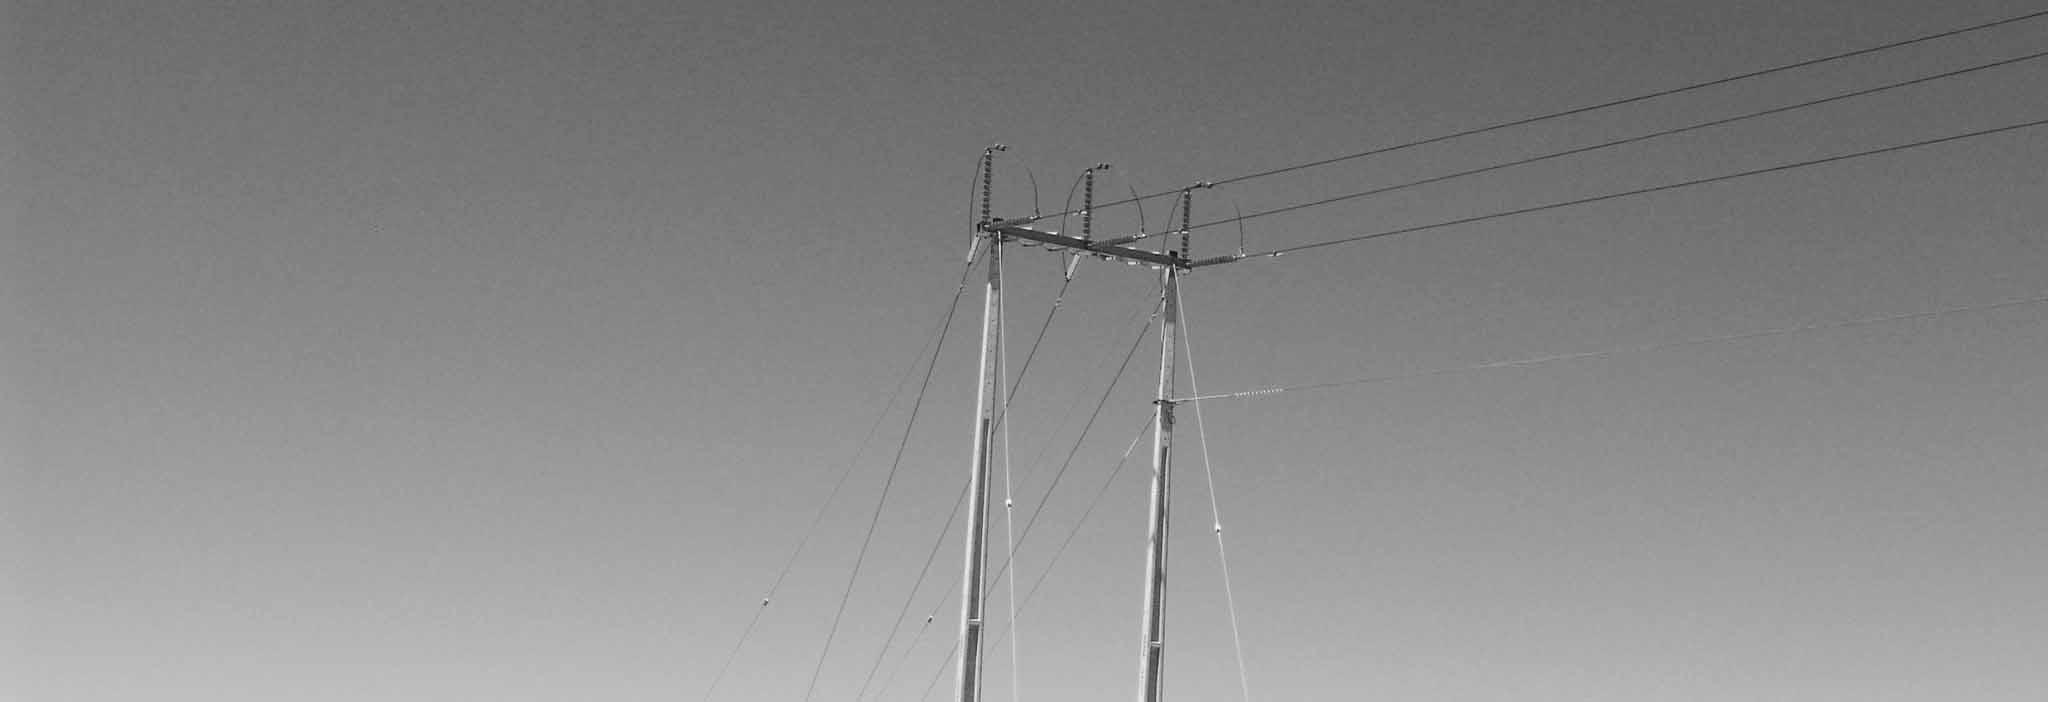 Construccion De Lineas Electricas De Alta Tension